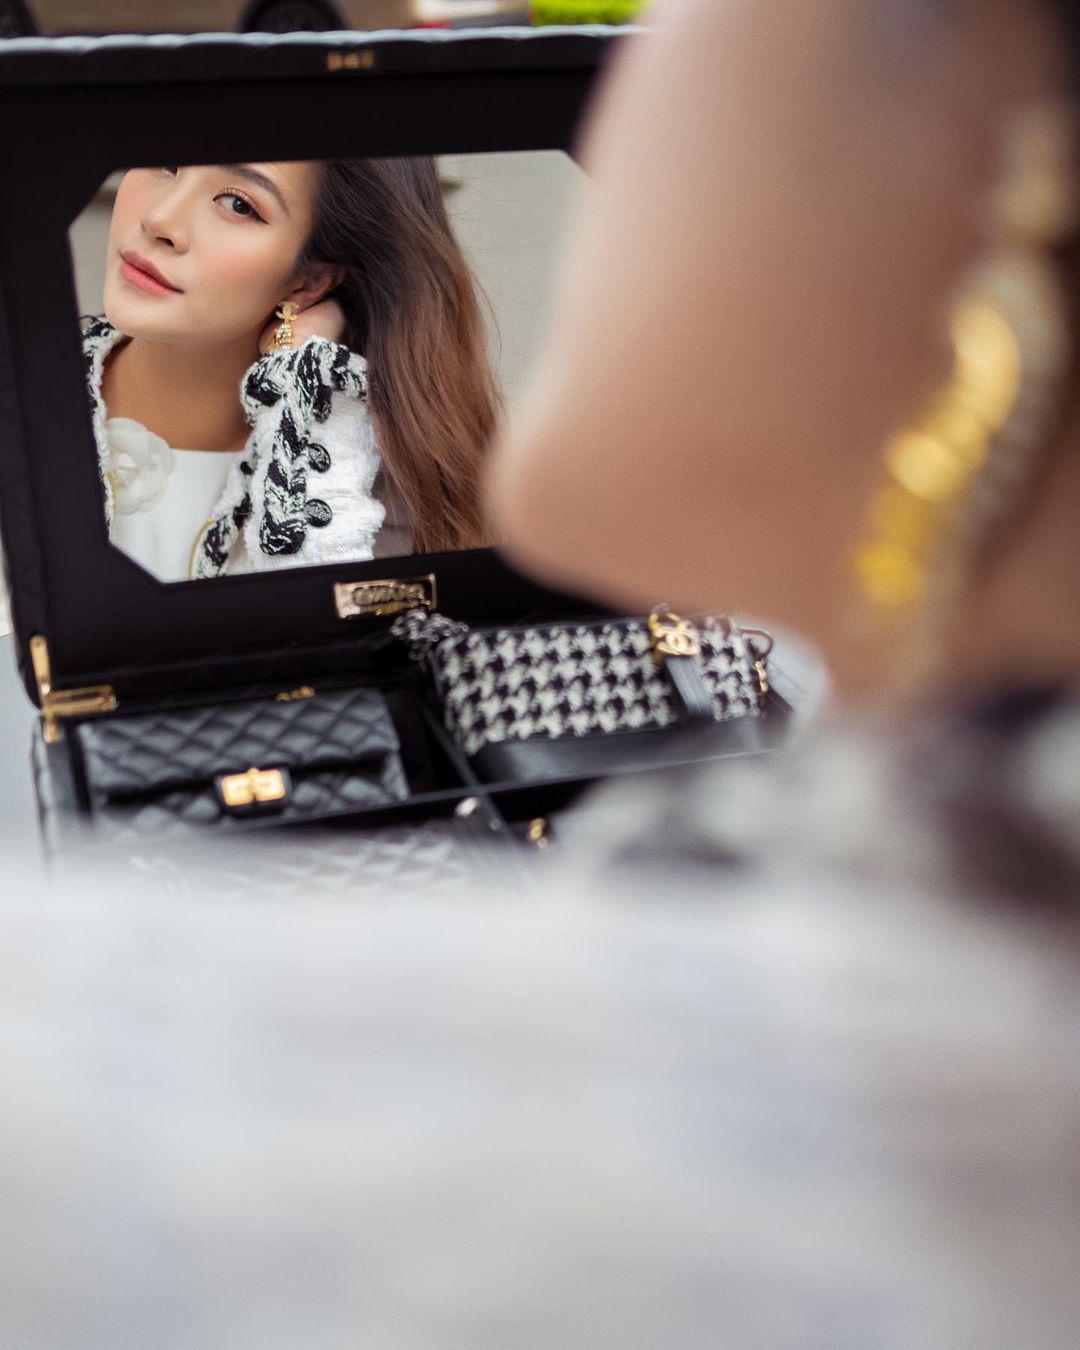 Đông Nhi chi 700 triệu sắm bộ túi Chanel tí hon, quyết không thua kém Ngọc Trinh, Cường Đô La - Ảnh 4.